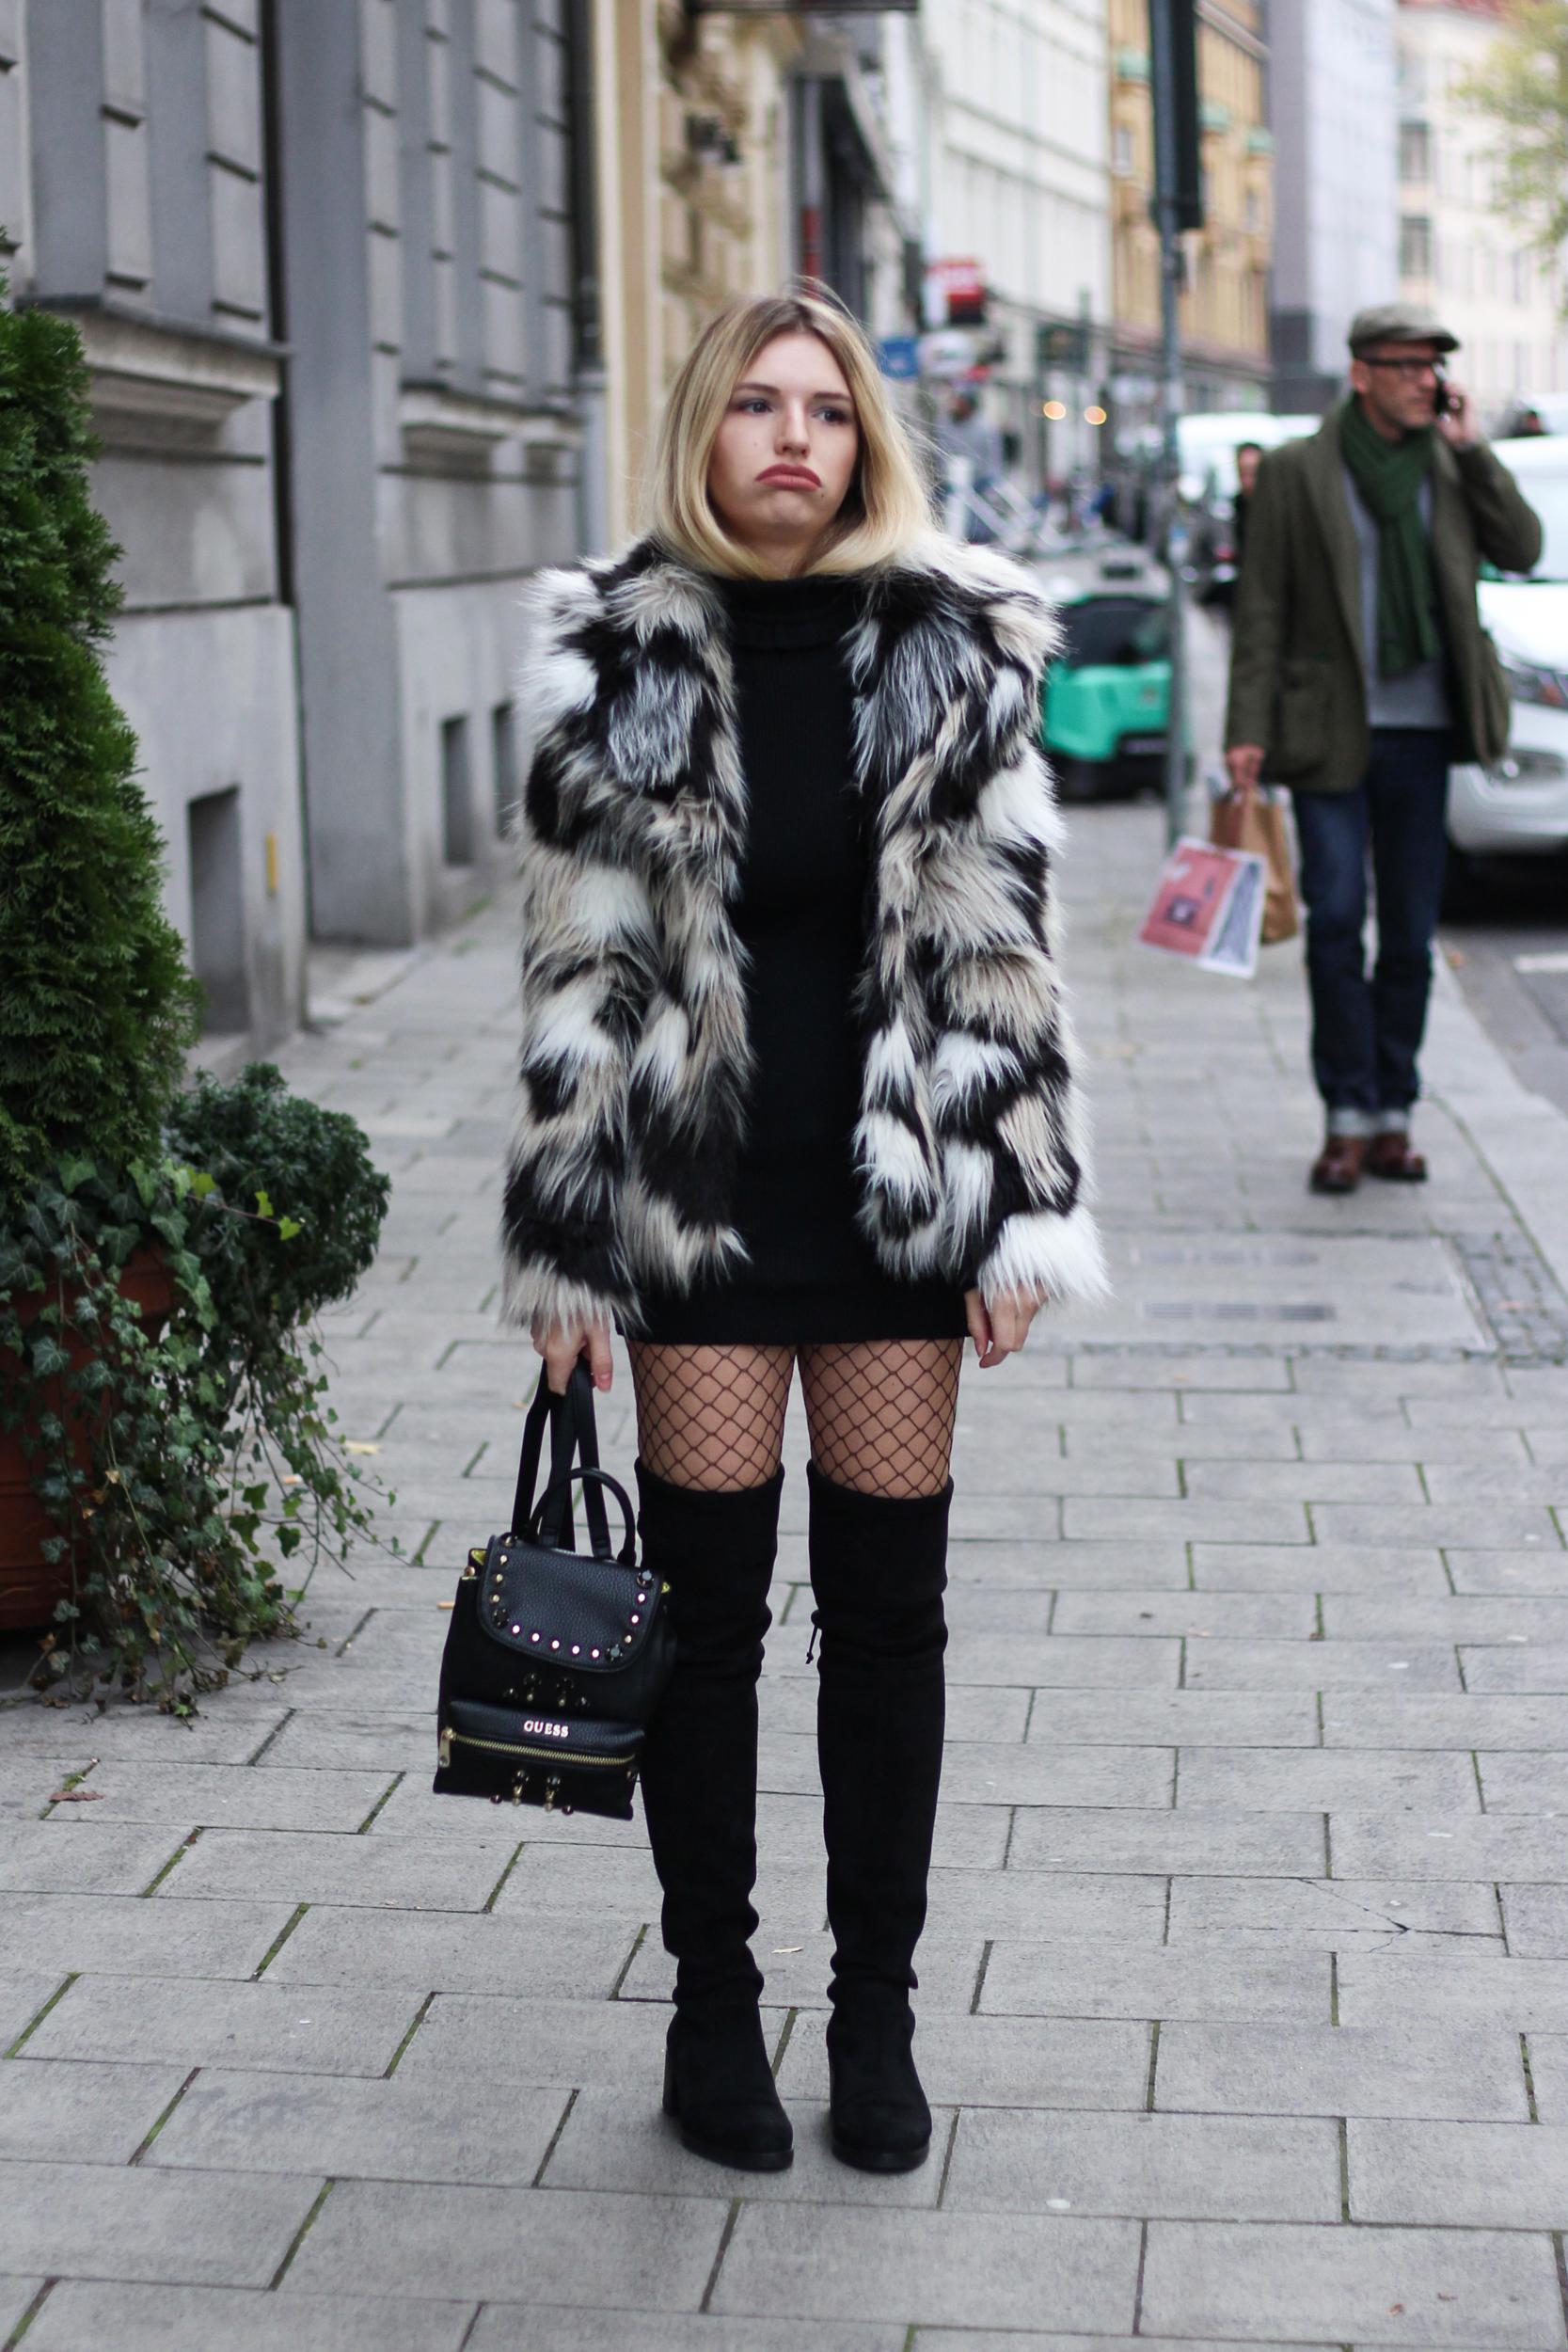 franziska-elea-blogger-aus-muenchen-fashionblog-mode-blog-outfit-dummes-gesicht-lustige-bilder-outtakes-peinliche-fotos-von-modeblogger